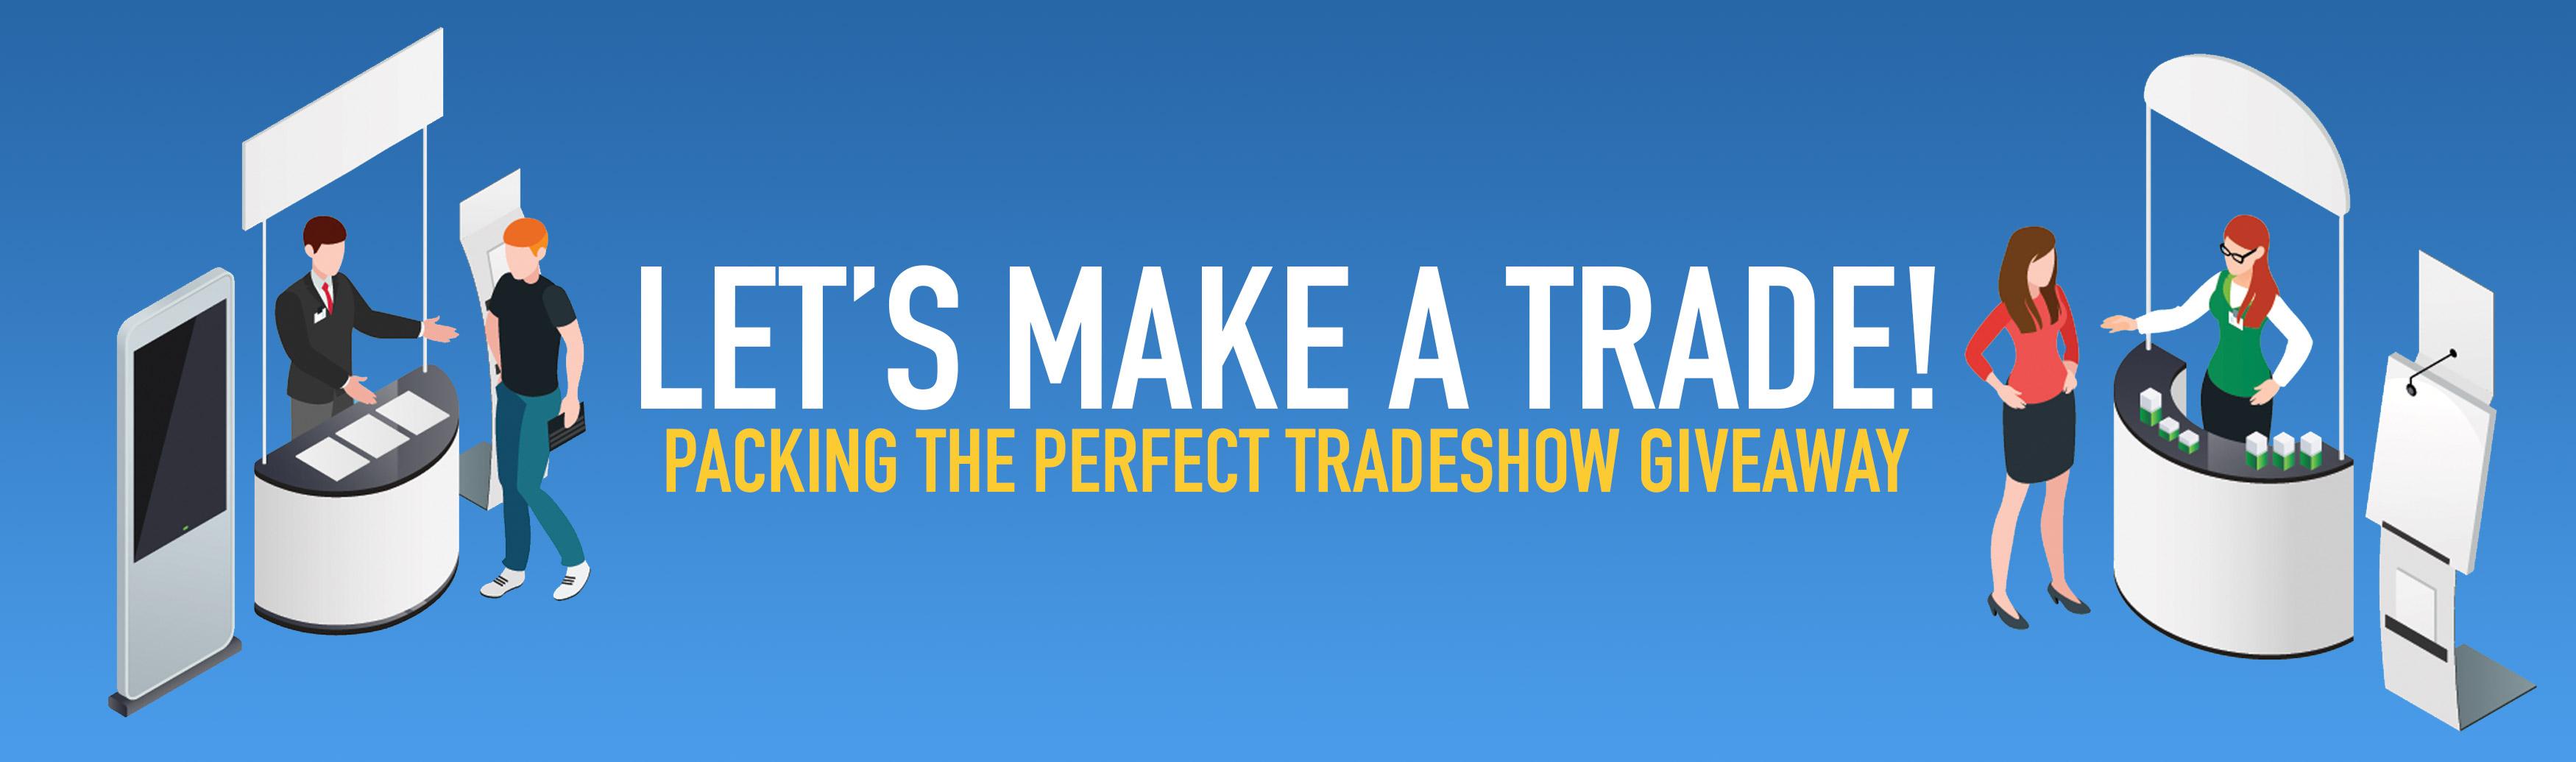 Let's Make a Trade!